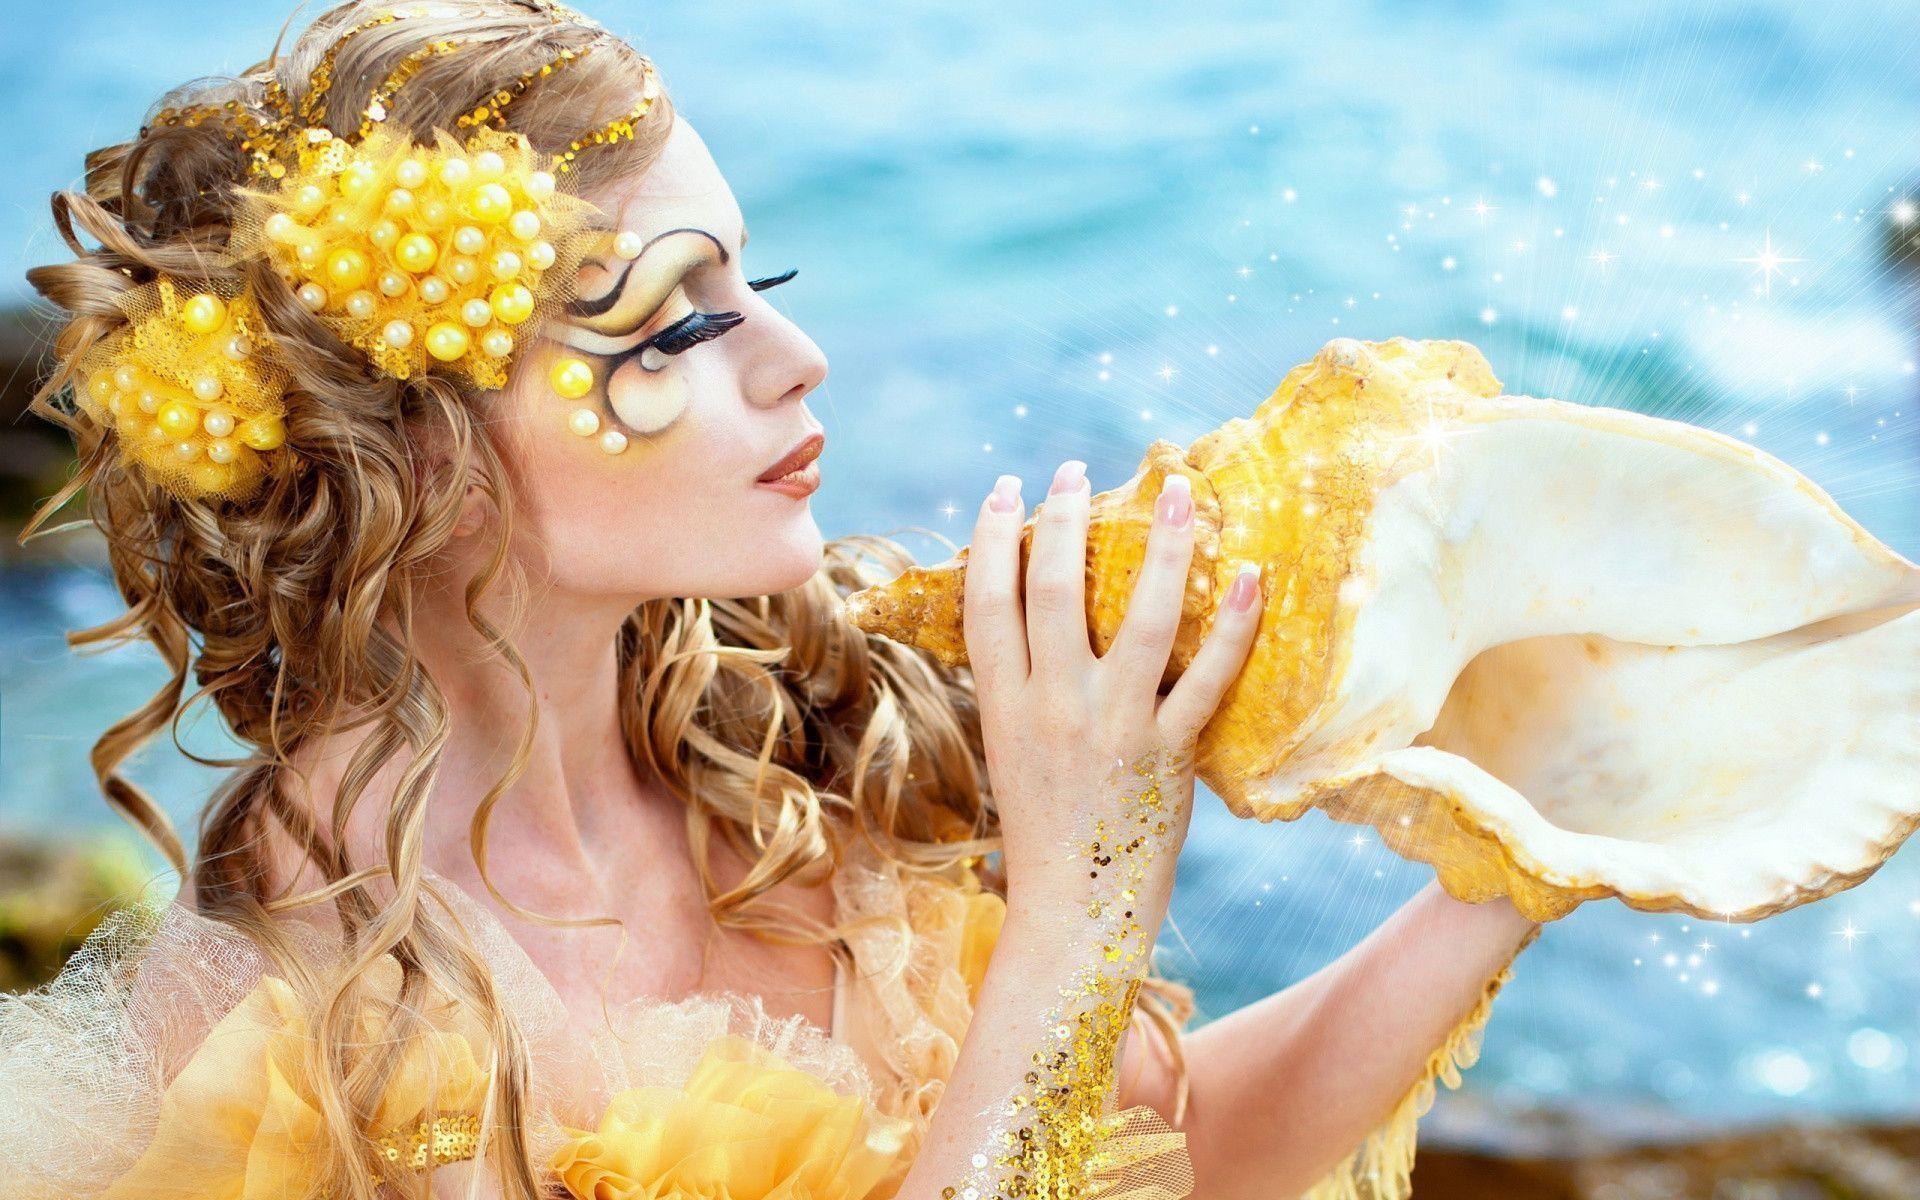 Wallpapers For > Beautiful Mermaid Wallpaper